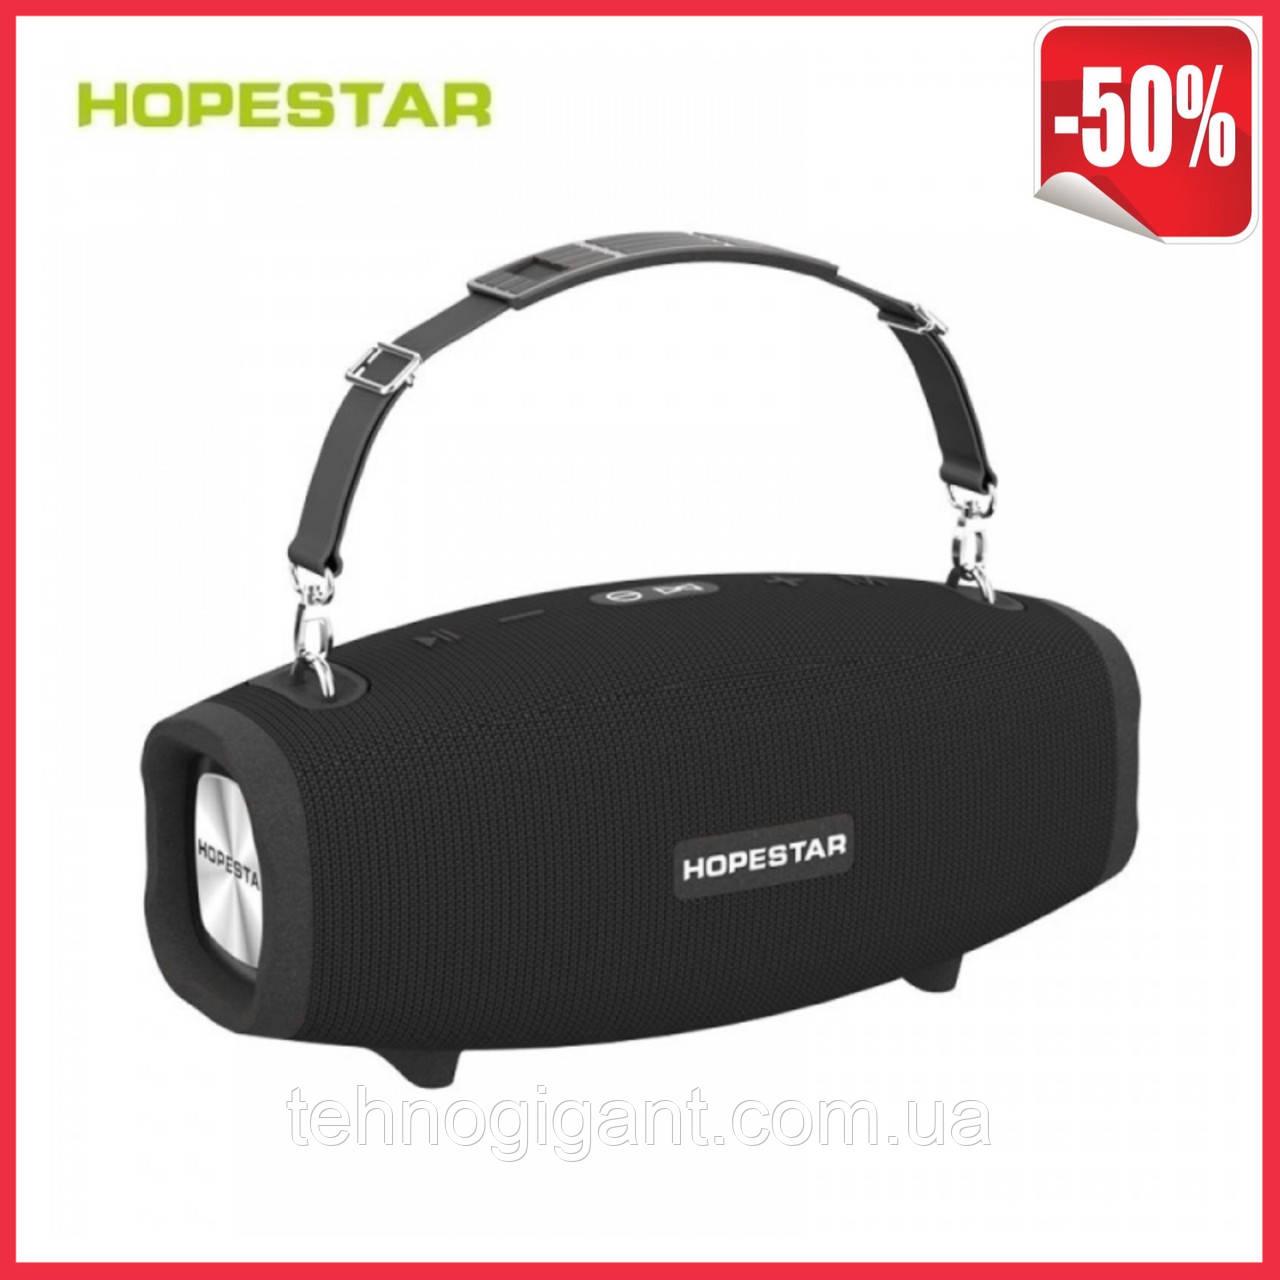 Портативная колонка Hopestar H41, стерео колонка Bluetooth c пыле-влагозащитой, беспроводная Черный